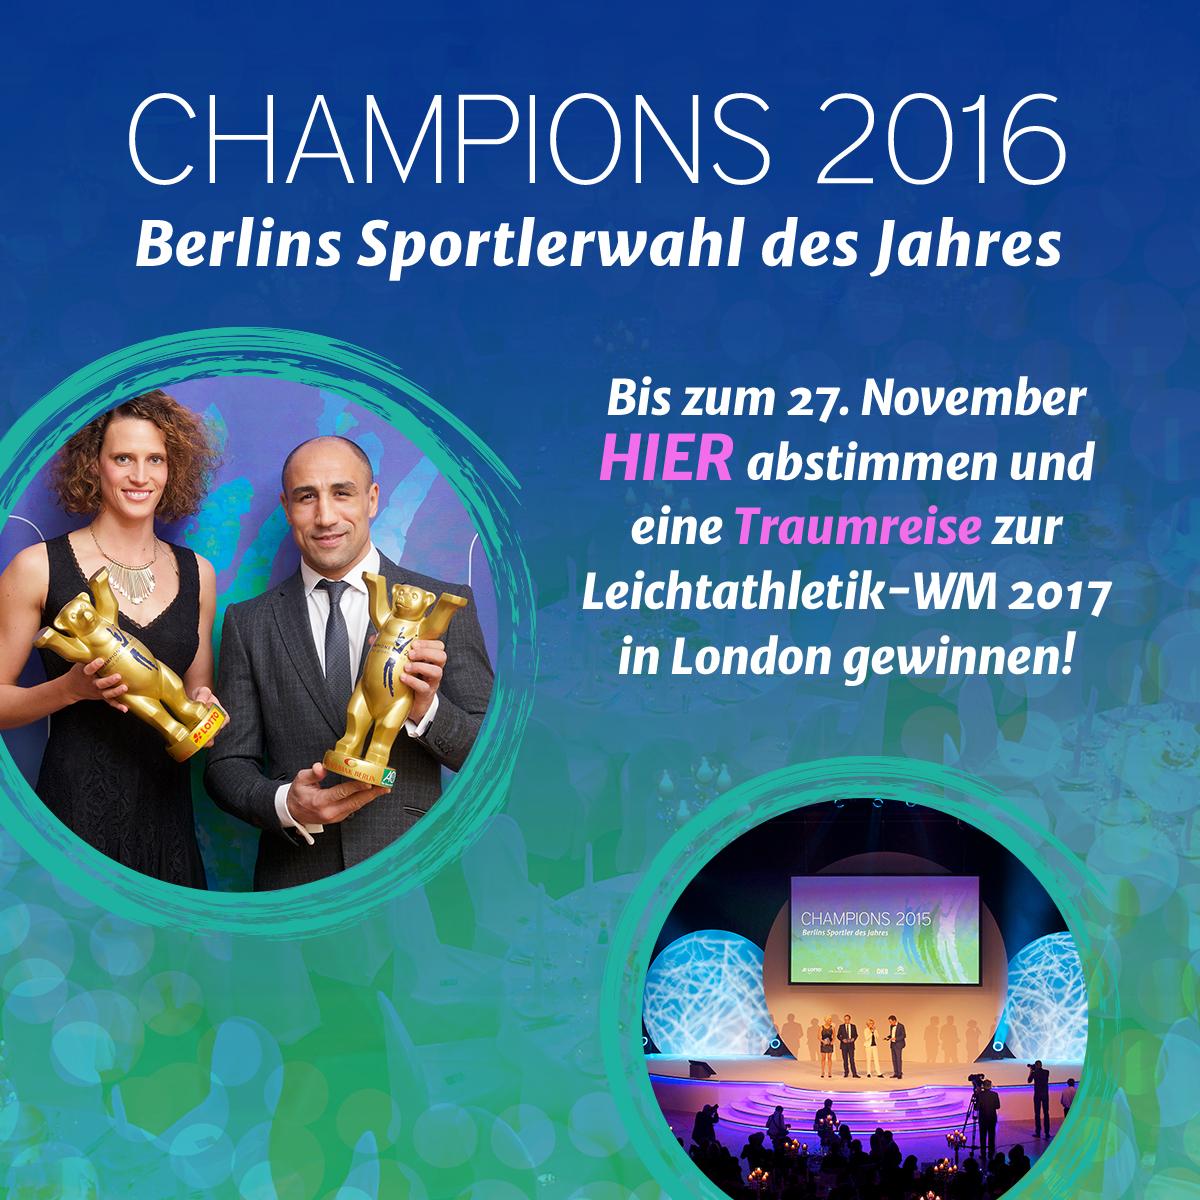 Champions 2016: ttc berlin eastside und Peti Solja zu Berlins Sportler des Jahres nominiert!